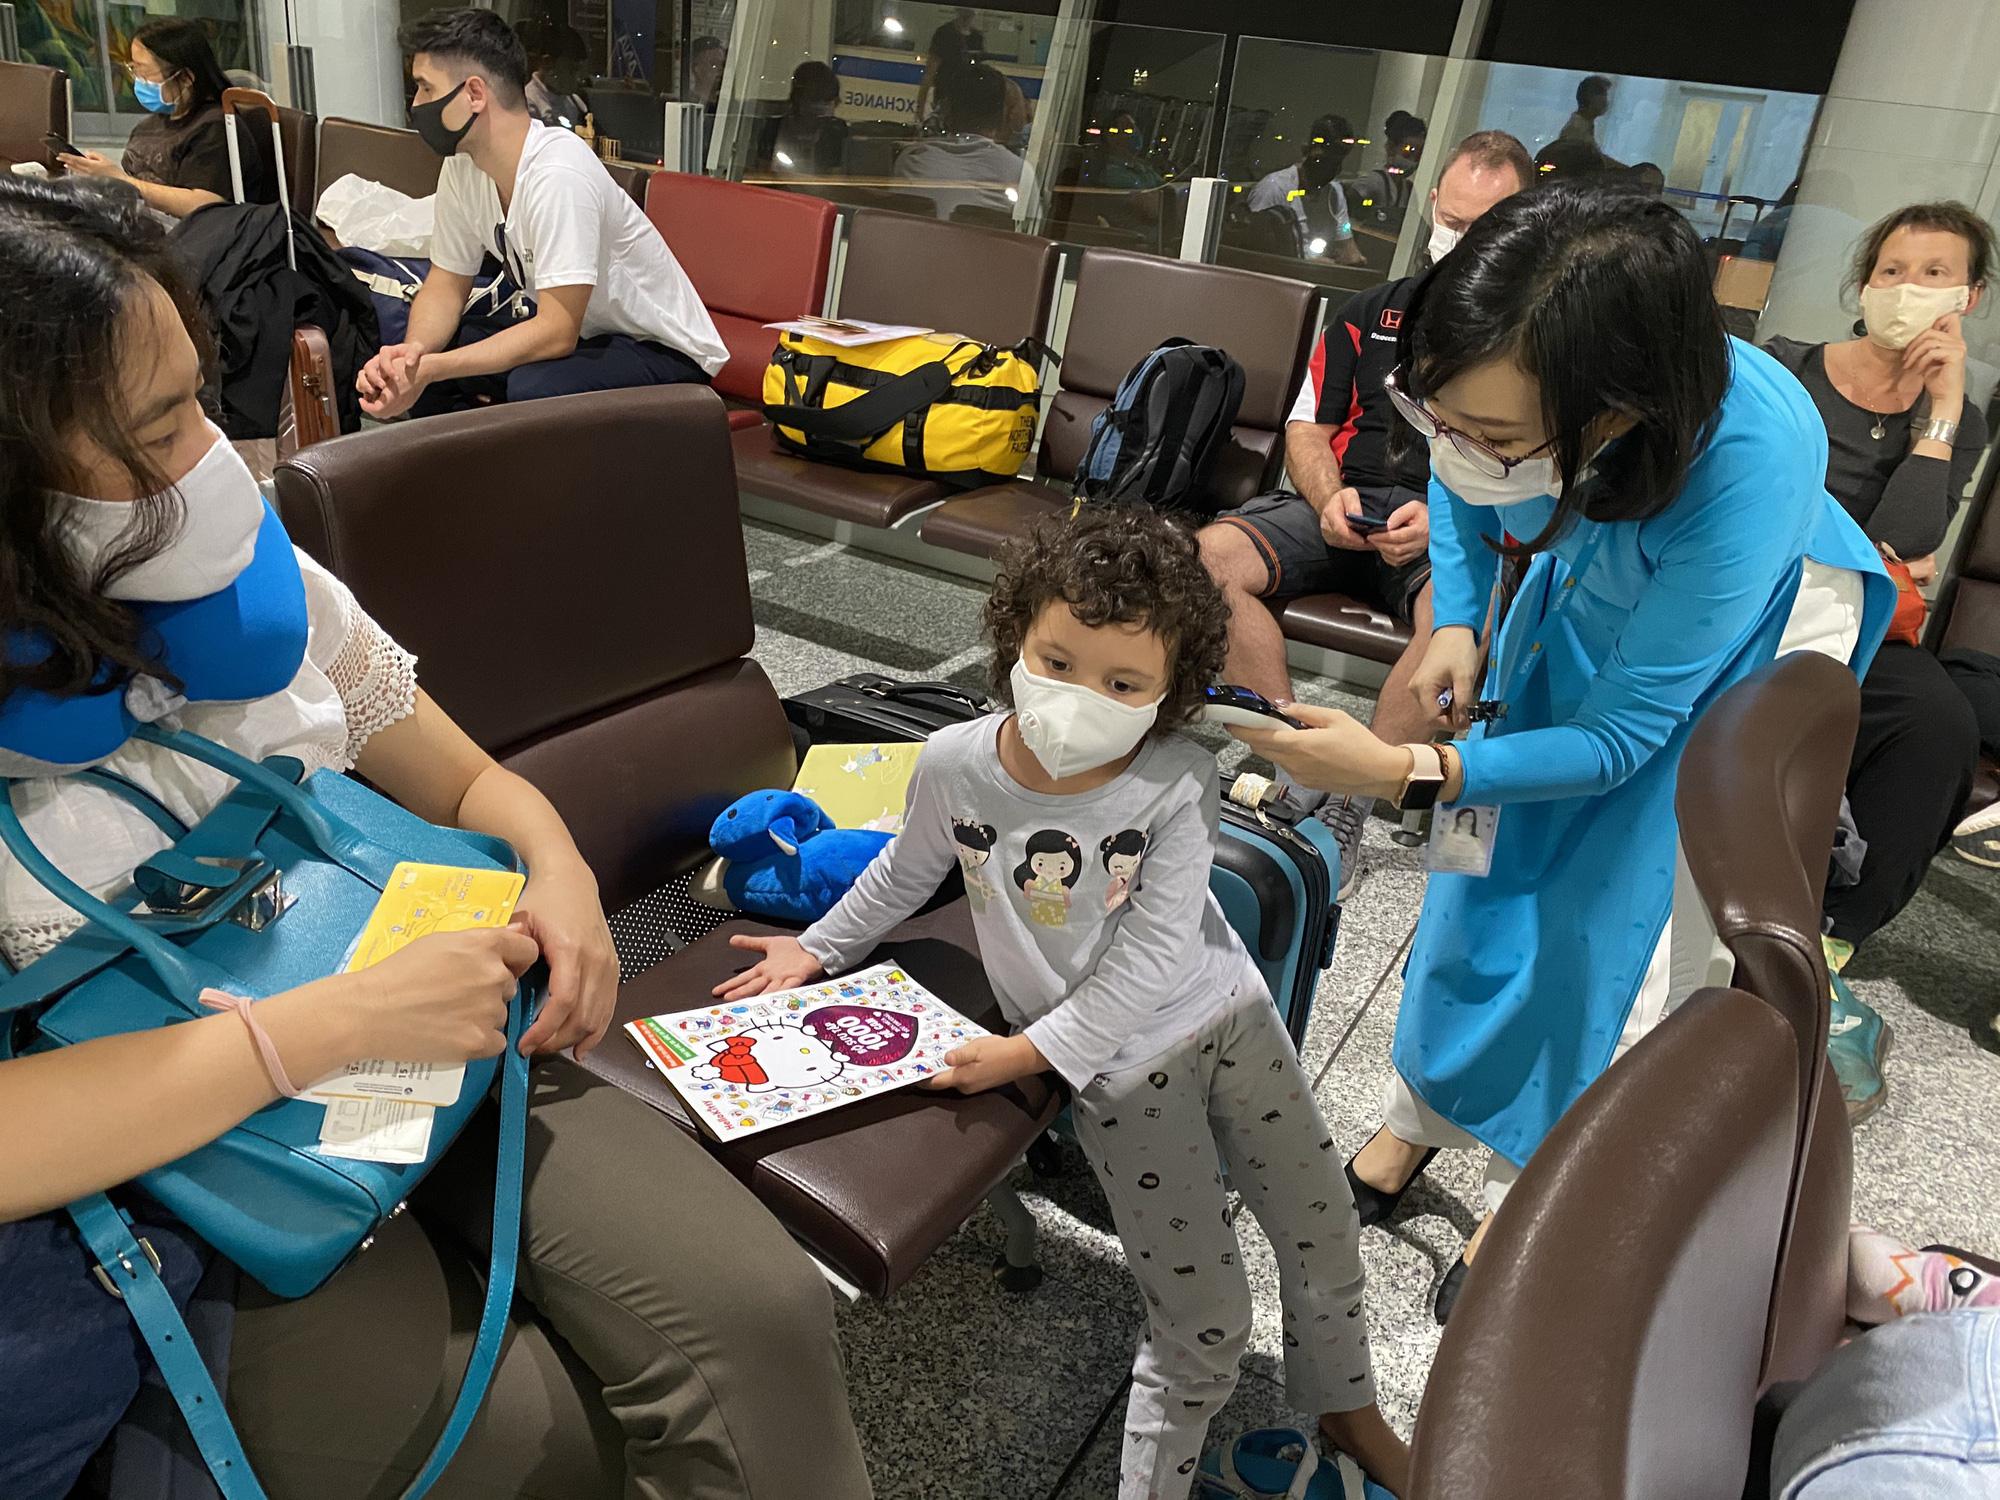 Đà Nẵng giãn cách xã hội hành khách mua vé máy bay được hỗ trợ ra sao? - Ảnh 2.